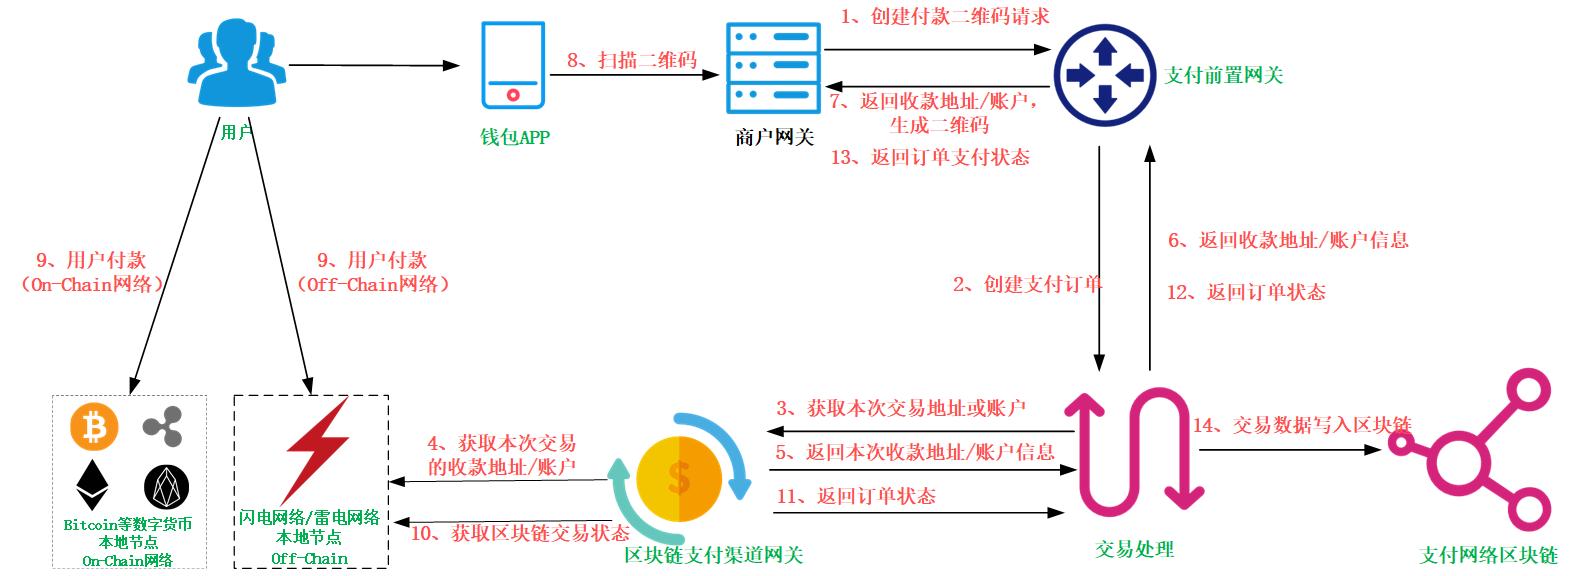 区块链聚合支付平台架构